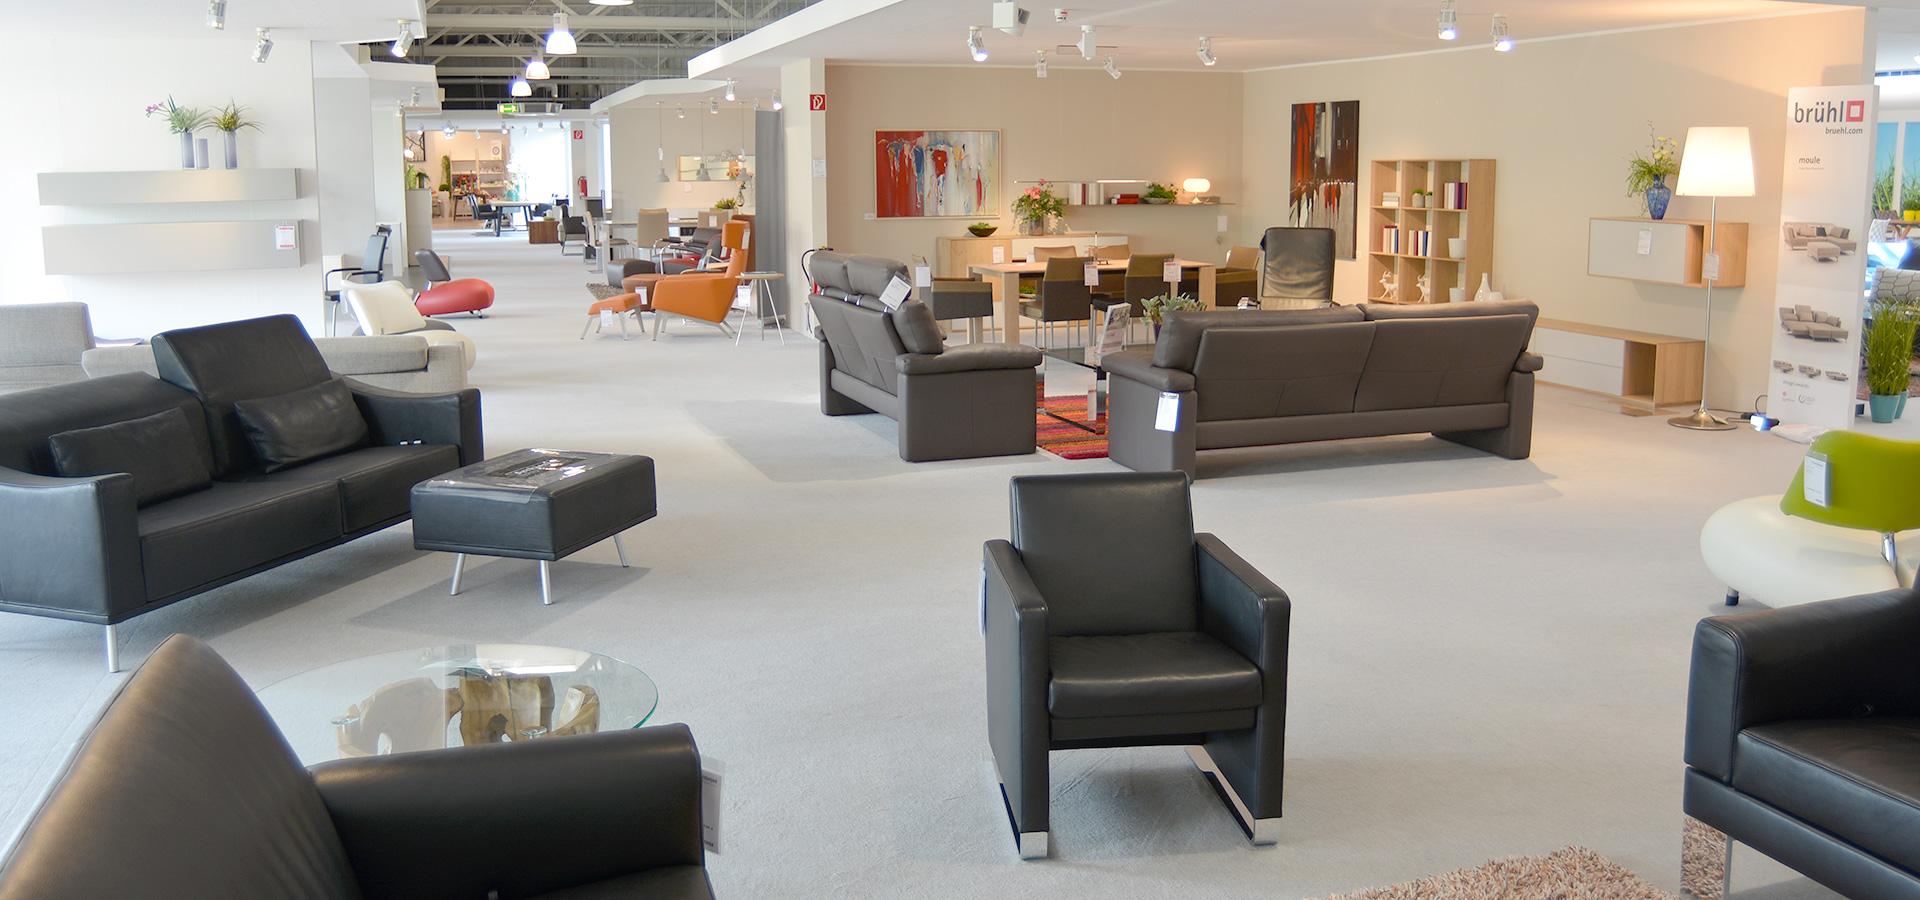 vollservice f r modernes wohndesign ottensmeyer. Black Bedroom Furniture Sets. Home Design Ideas